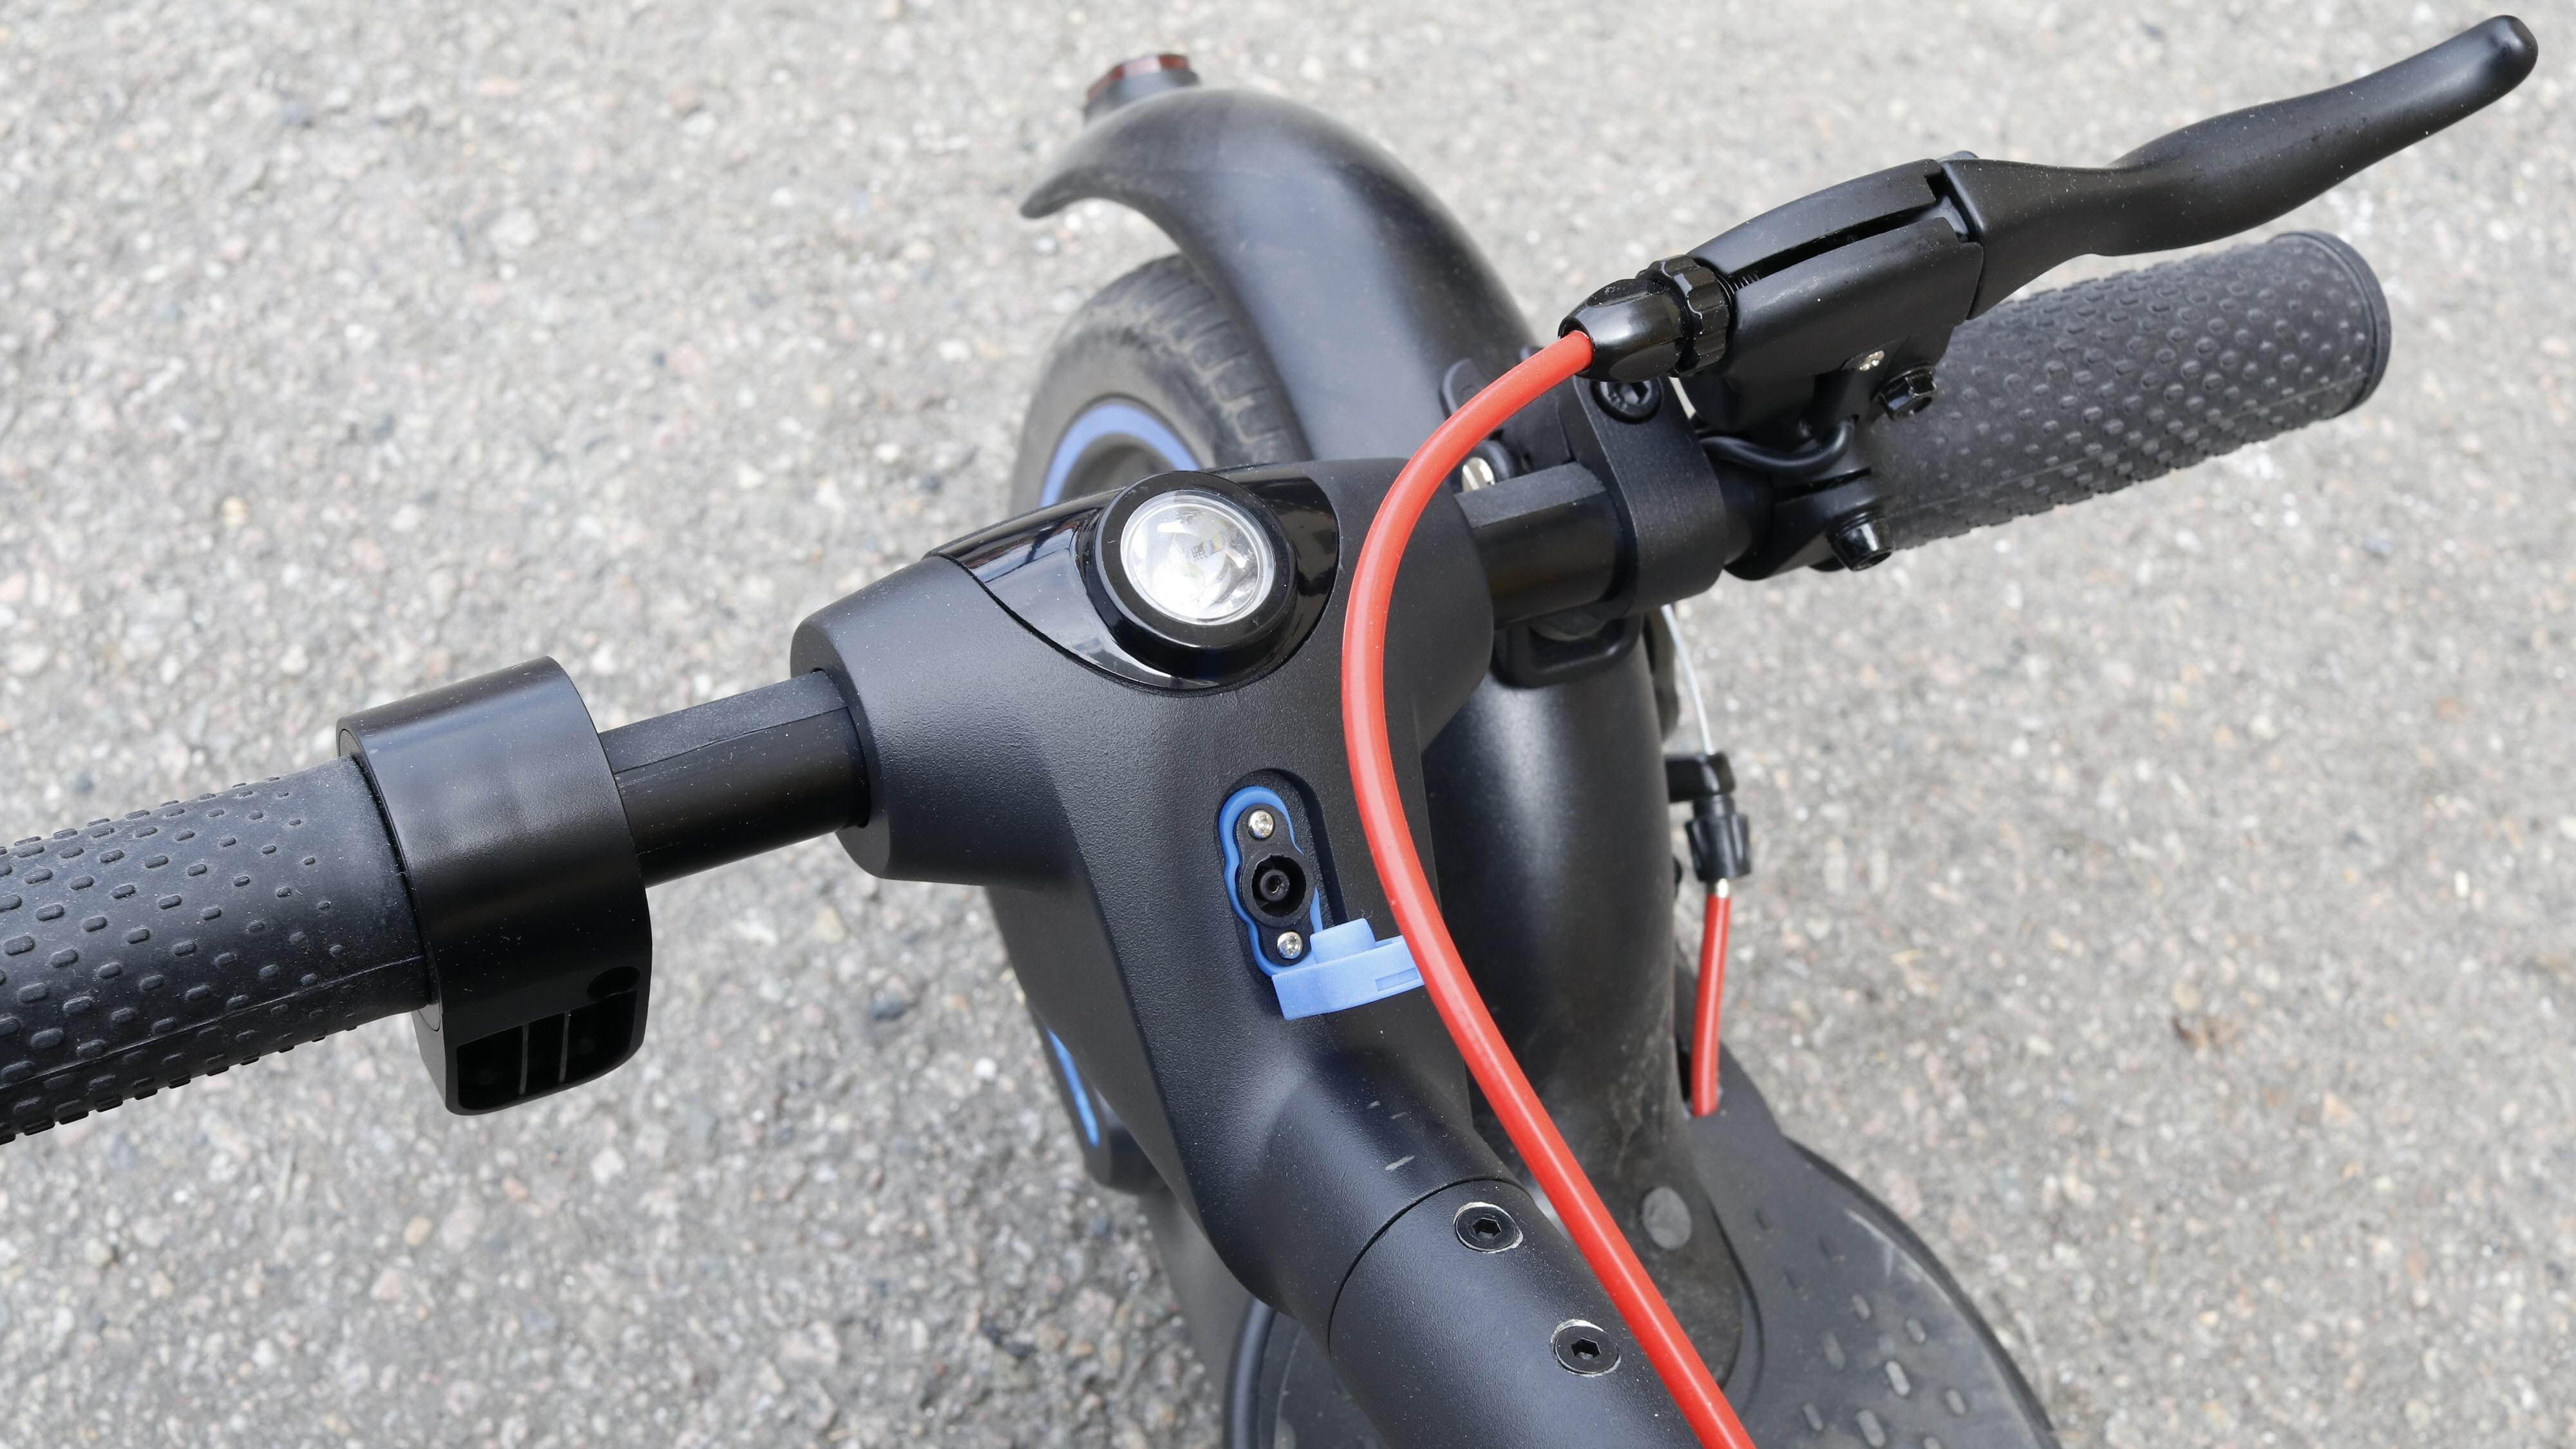 Vi fikk et tidlig eksemplar av E-Way E-500 med rød bremsekabelstrømpe. Den skal visstnok egentlig være sort. Men det vi ville vise fram her er jo plasseringen av strømporten.